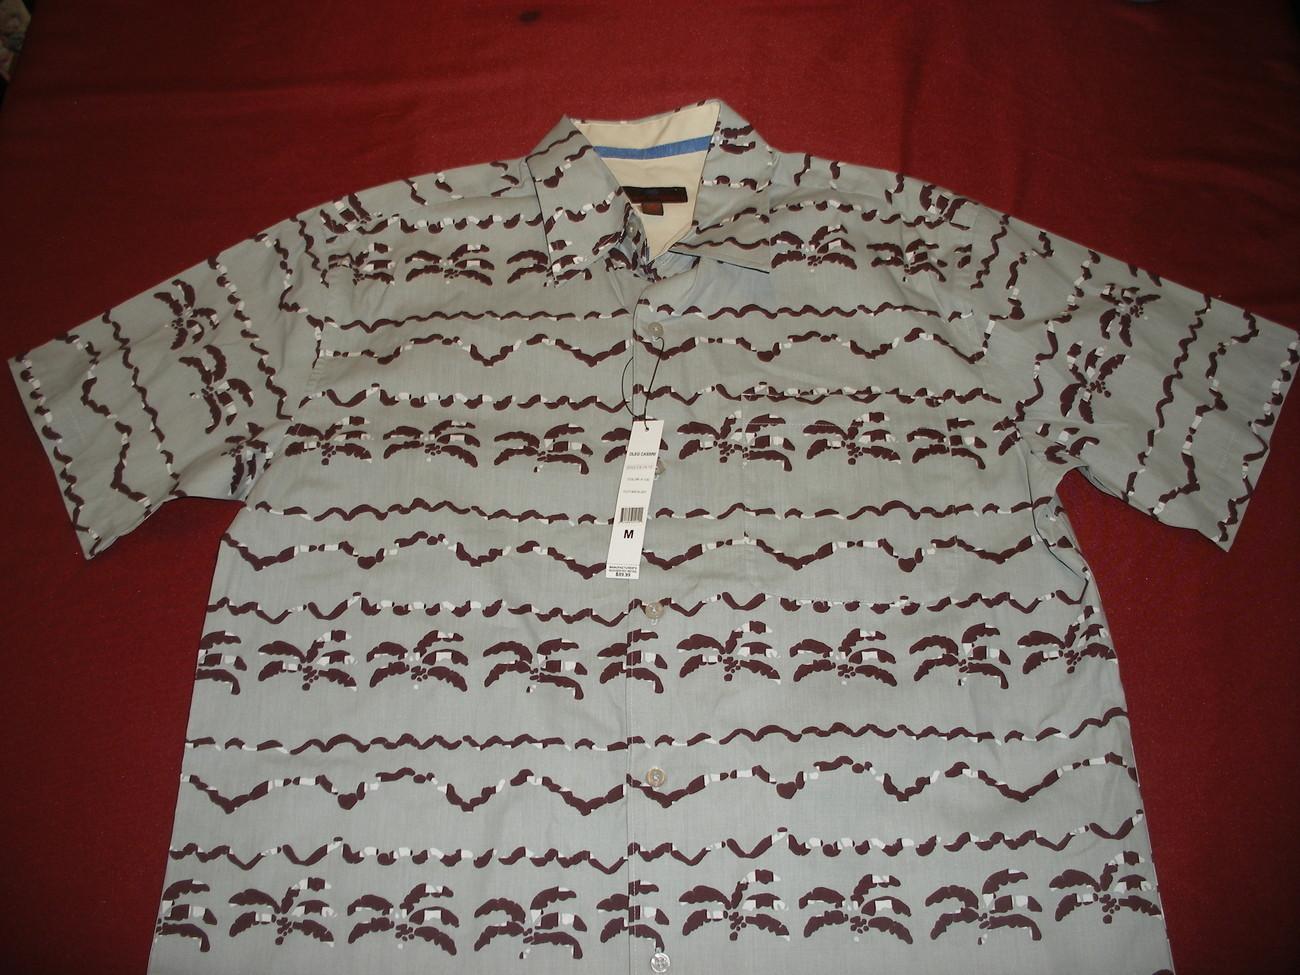 OLEG CASSINI Mens shirt size Medium NWT - $15.49